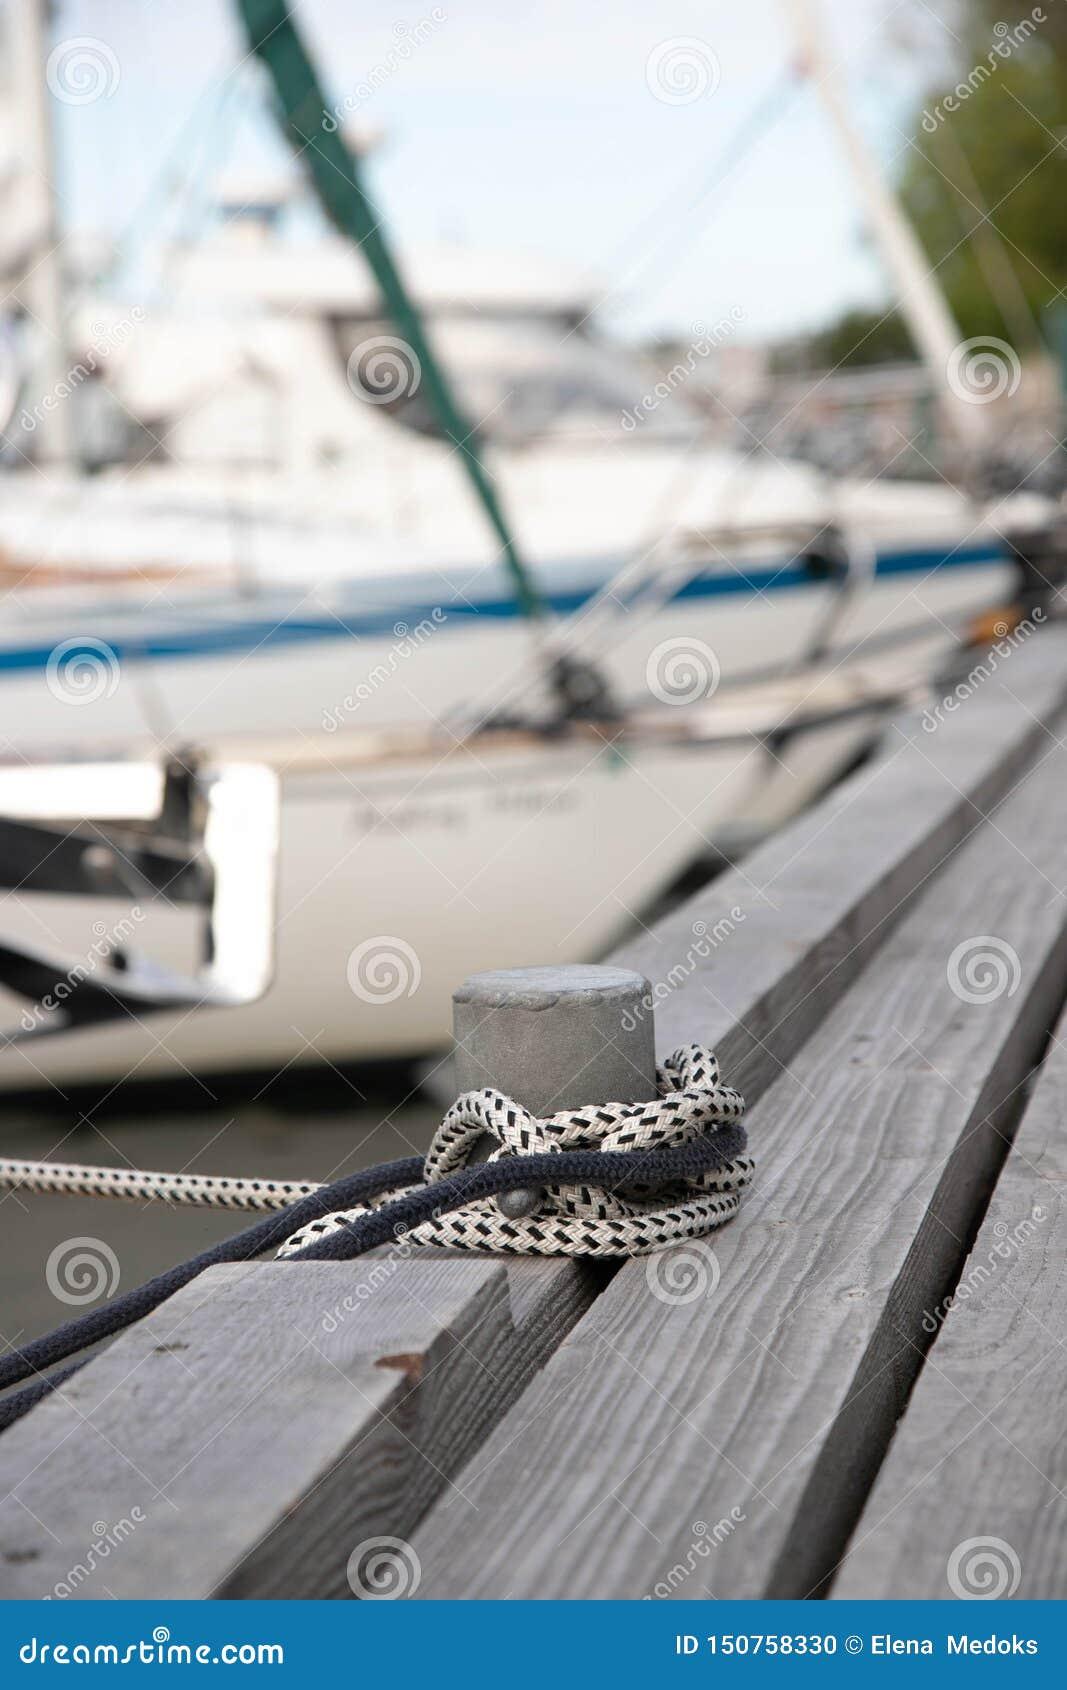 Στυλοβάτης για τη σύνδεση των βαρκών σε μια ξύλινη αποβάθρα Στυλίσκος με δύο σχοινιά στα αλιευτικά σκάφη αποβαθρών στις θολωμένες